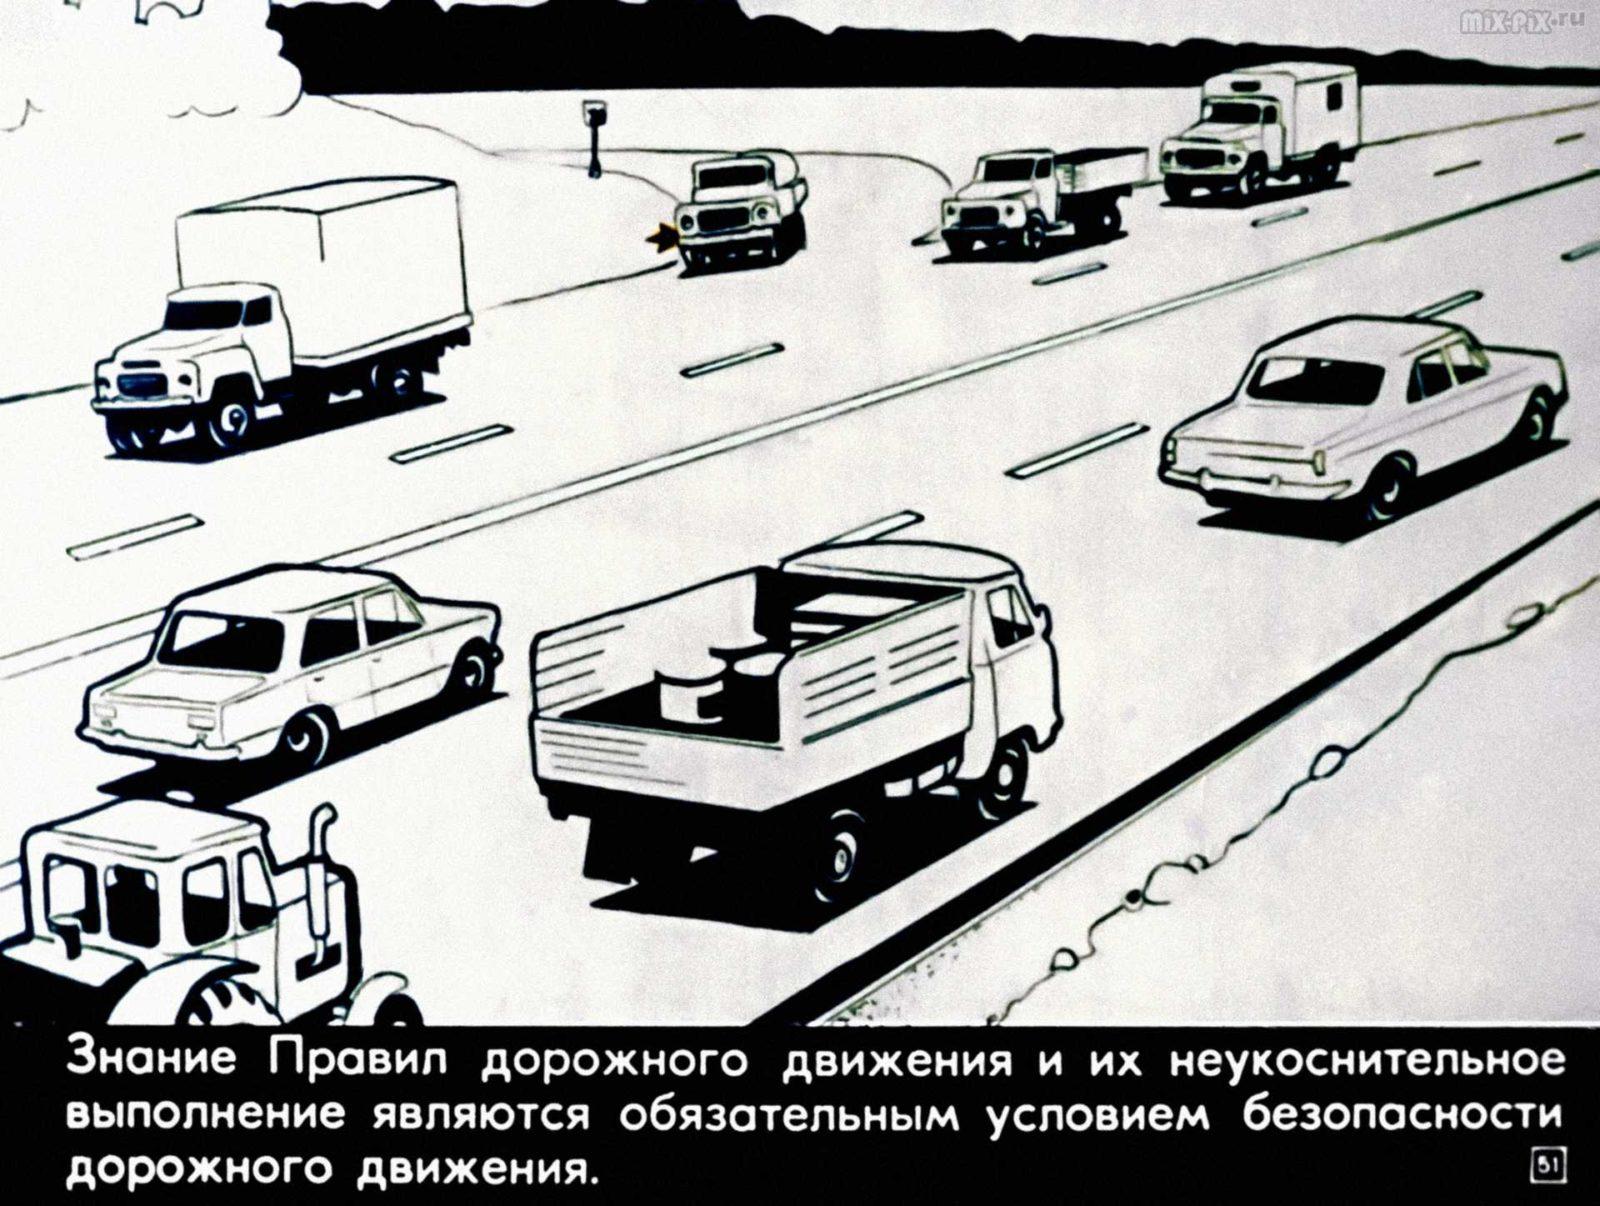 Правила дорожного движения. Расположение транспортных средств на проезжей части. Начало движения. Маневрирование (1983) 57